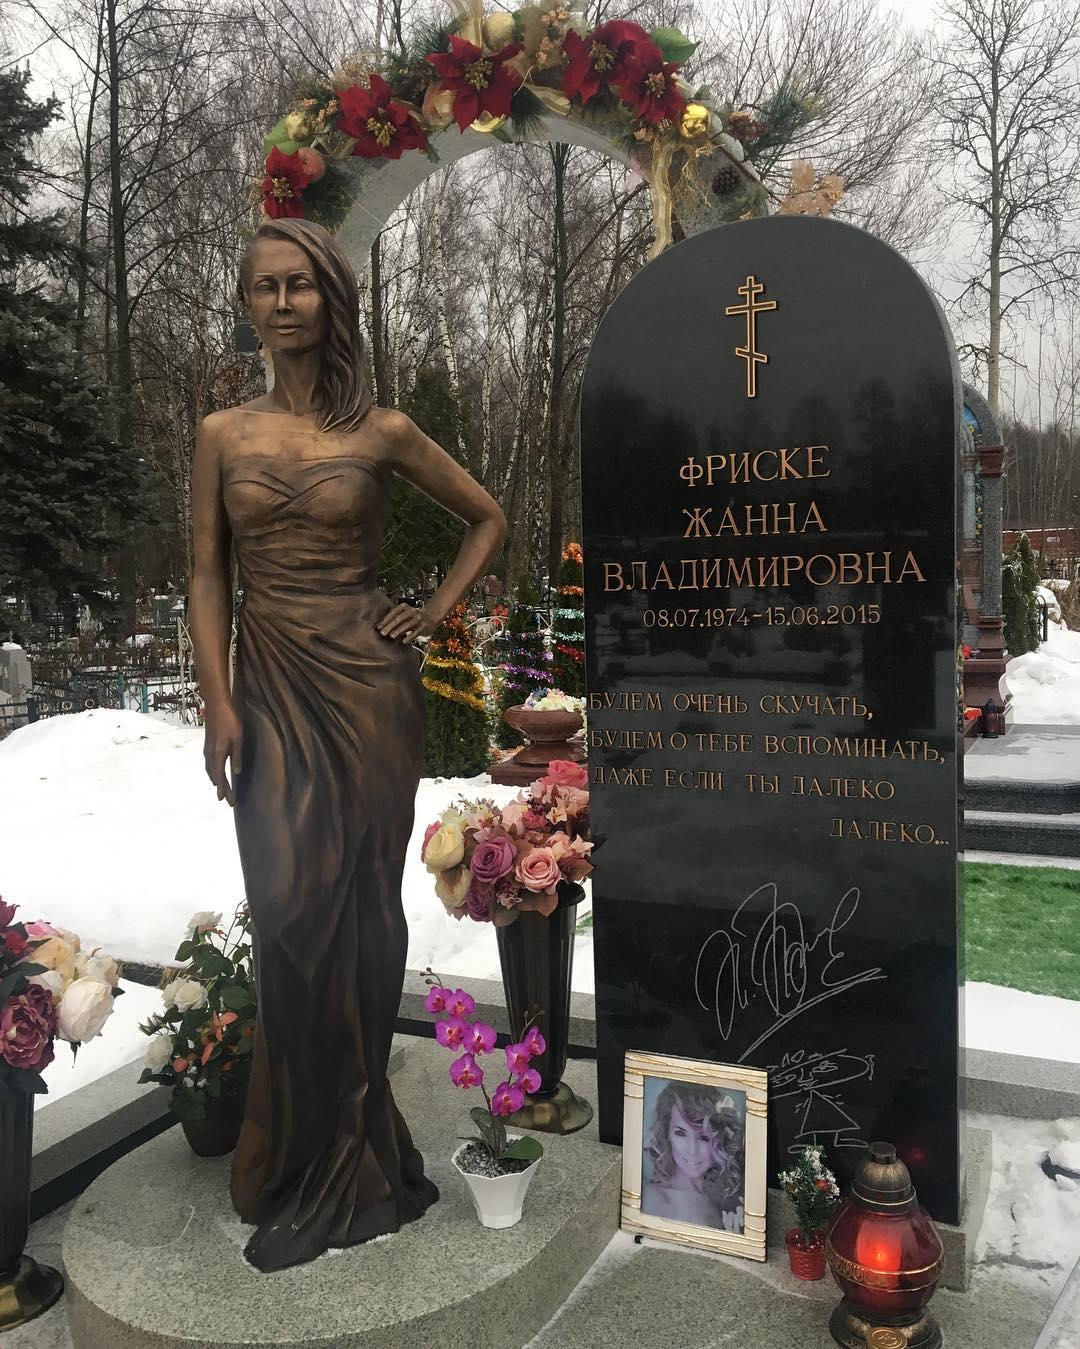 Могила жанны фриске фото сегодня памятник памятники в воронеже недорого 41